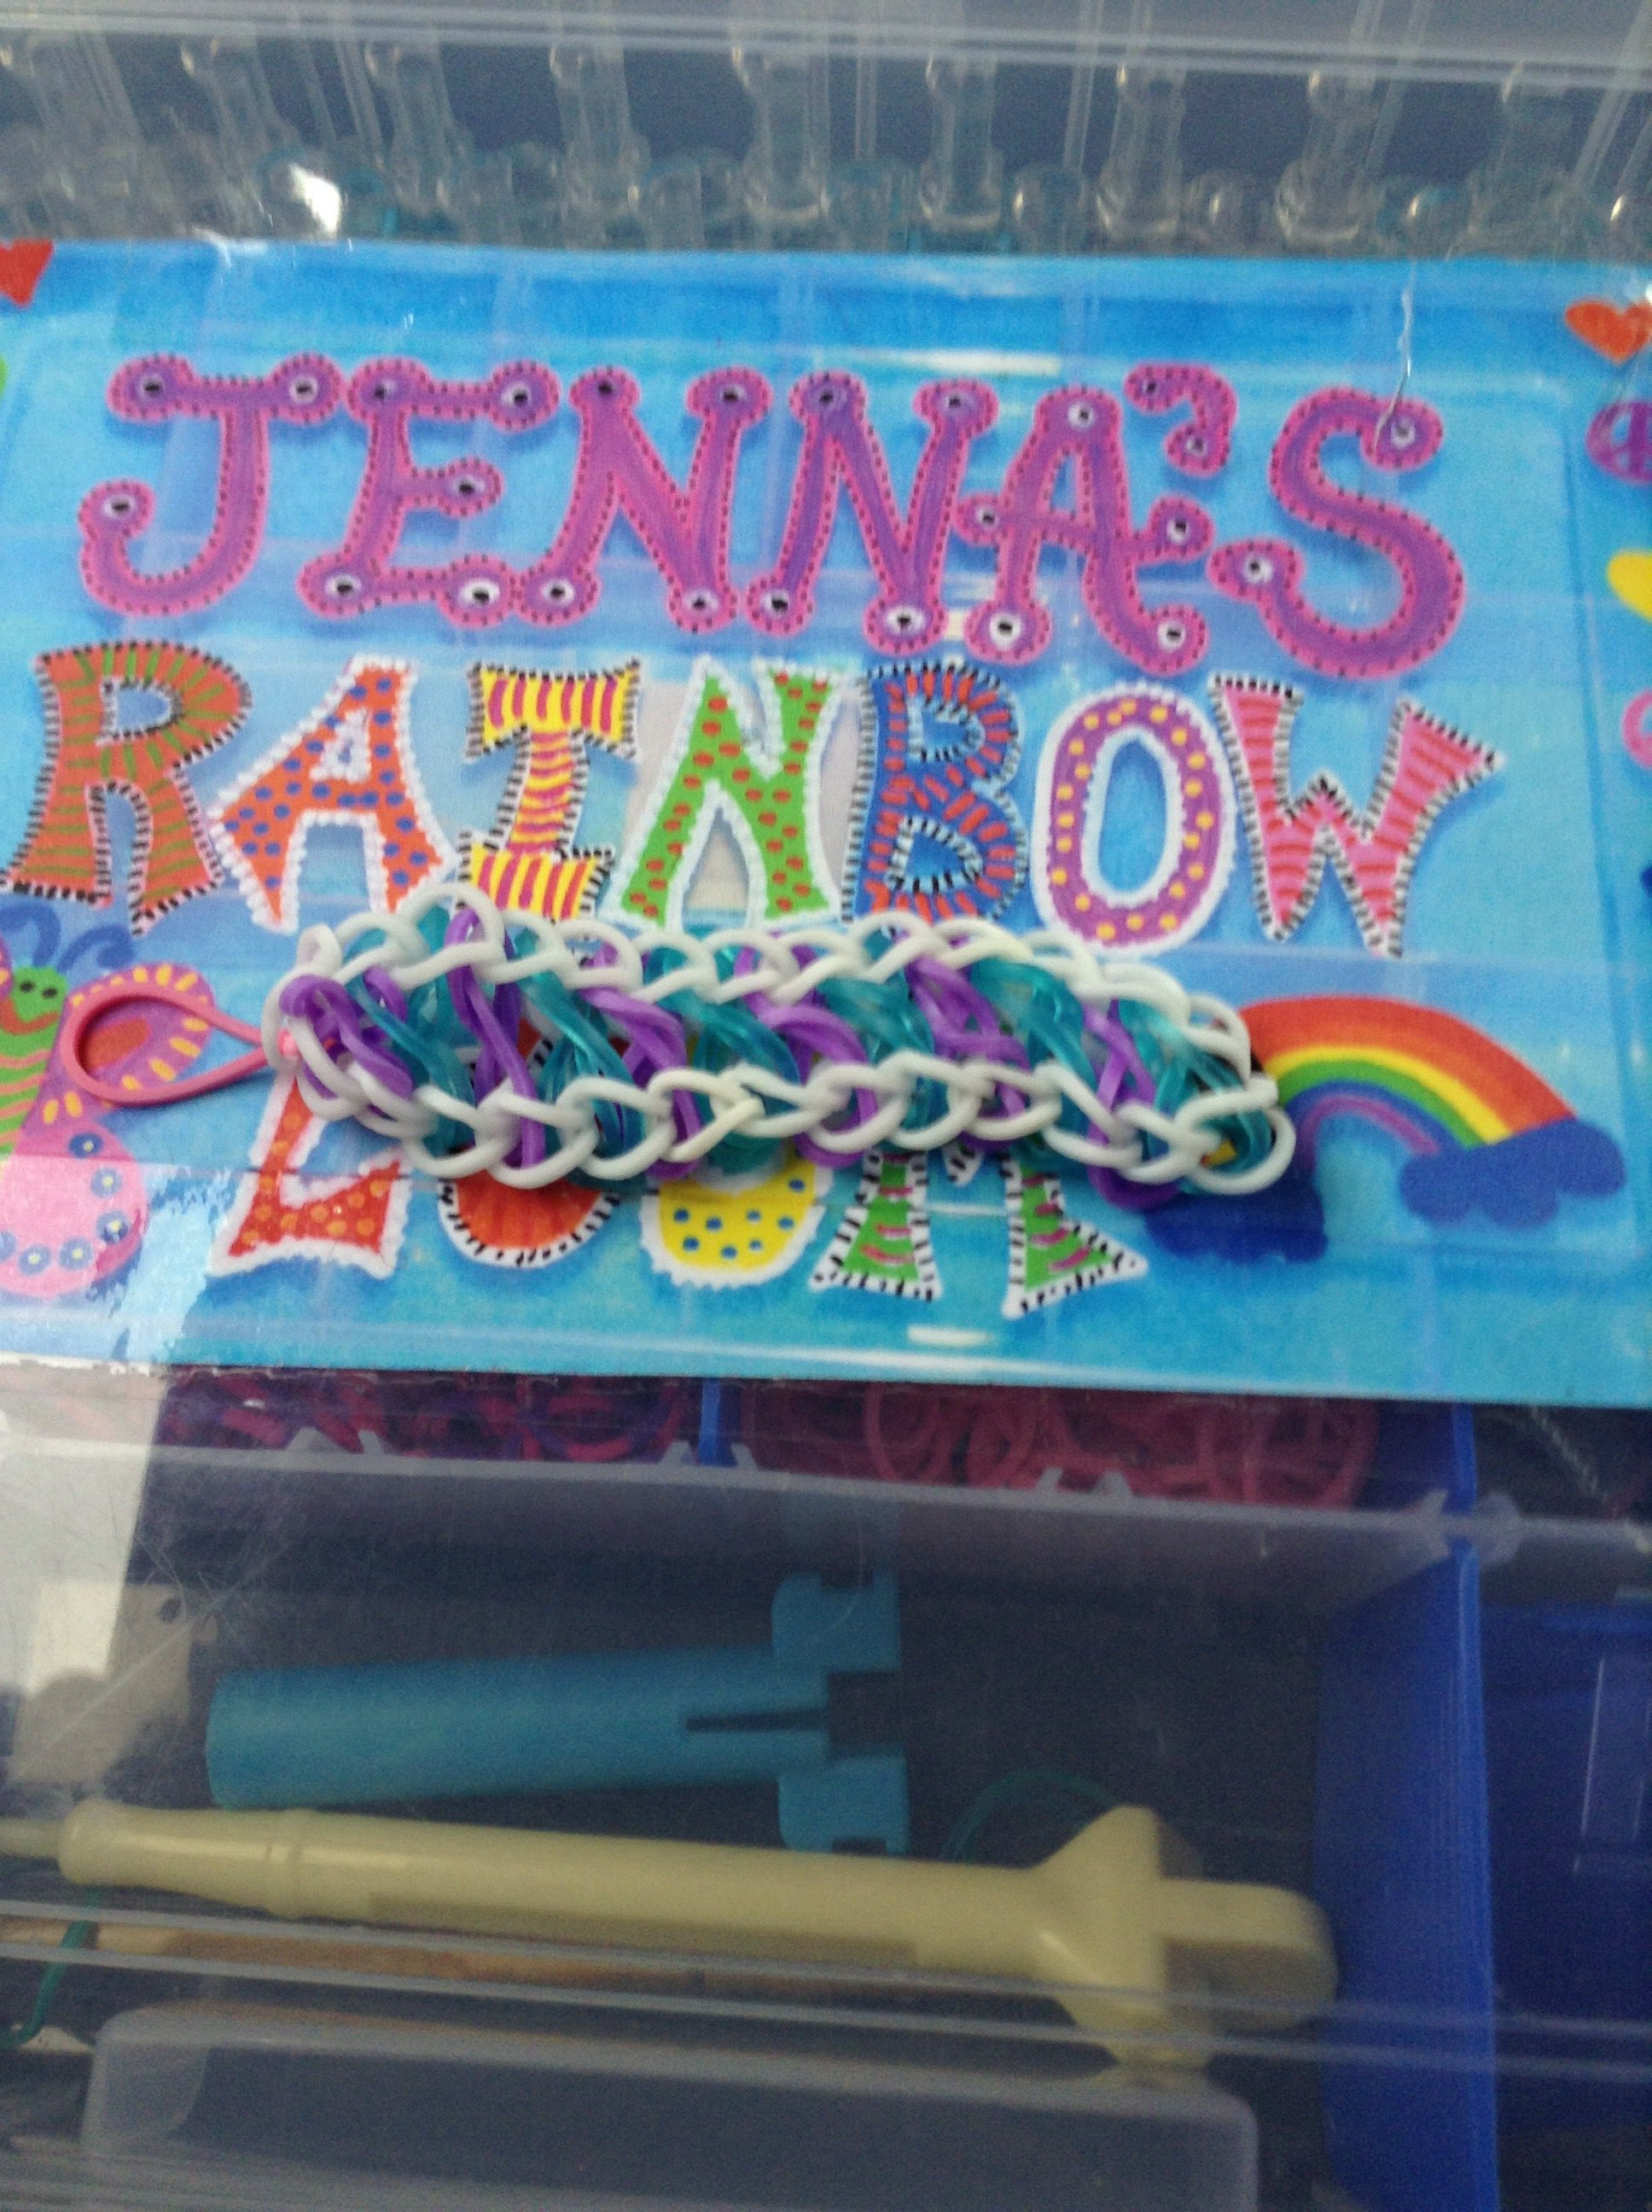 My infinity bracelet by Rainbow Loom